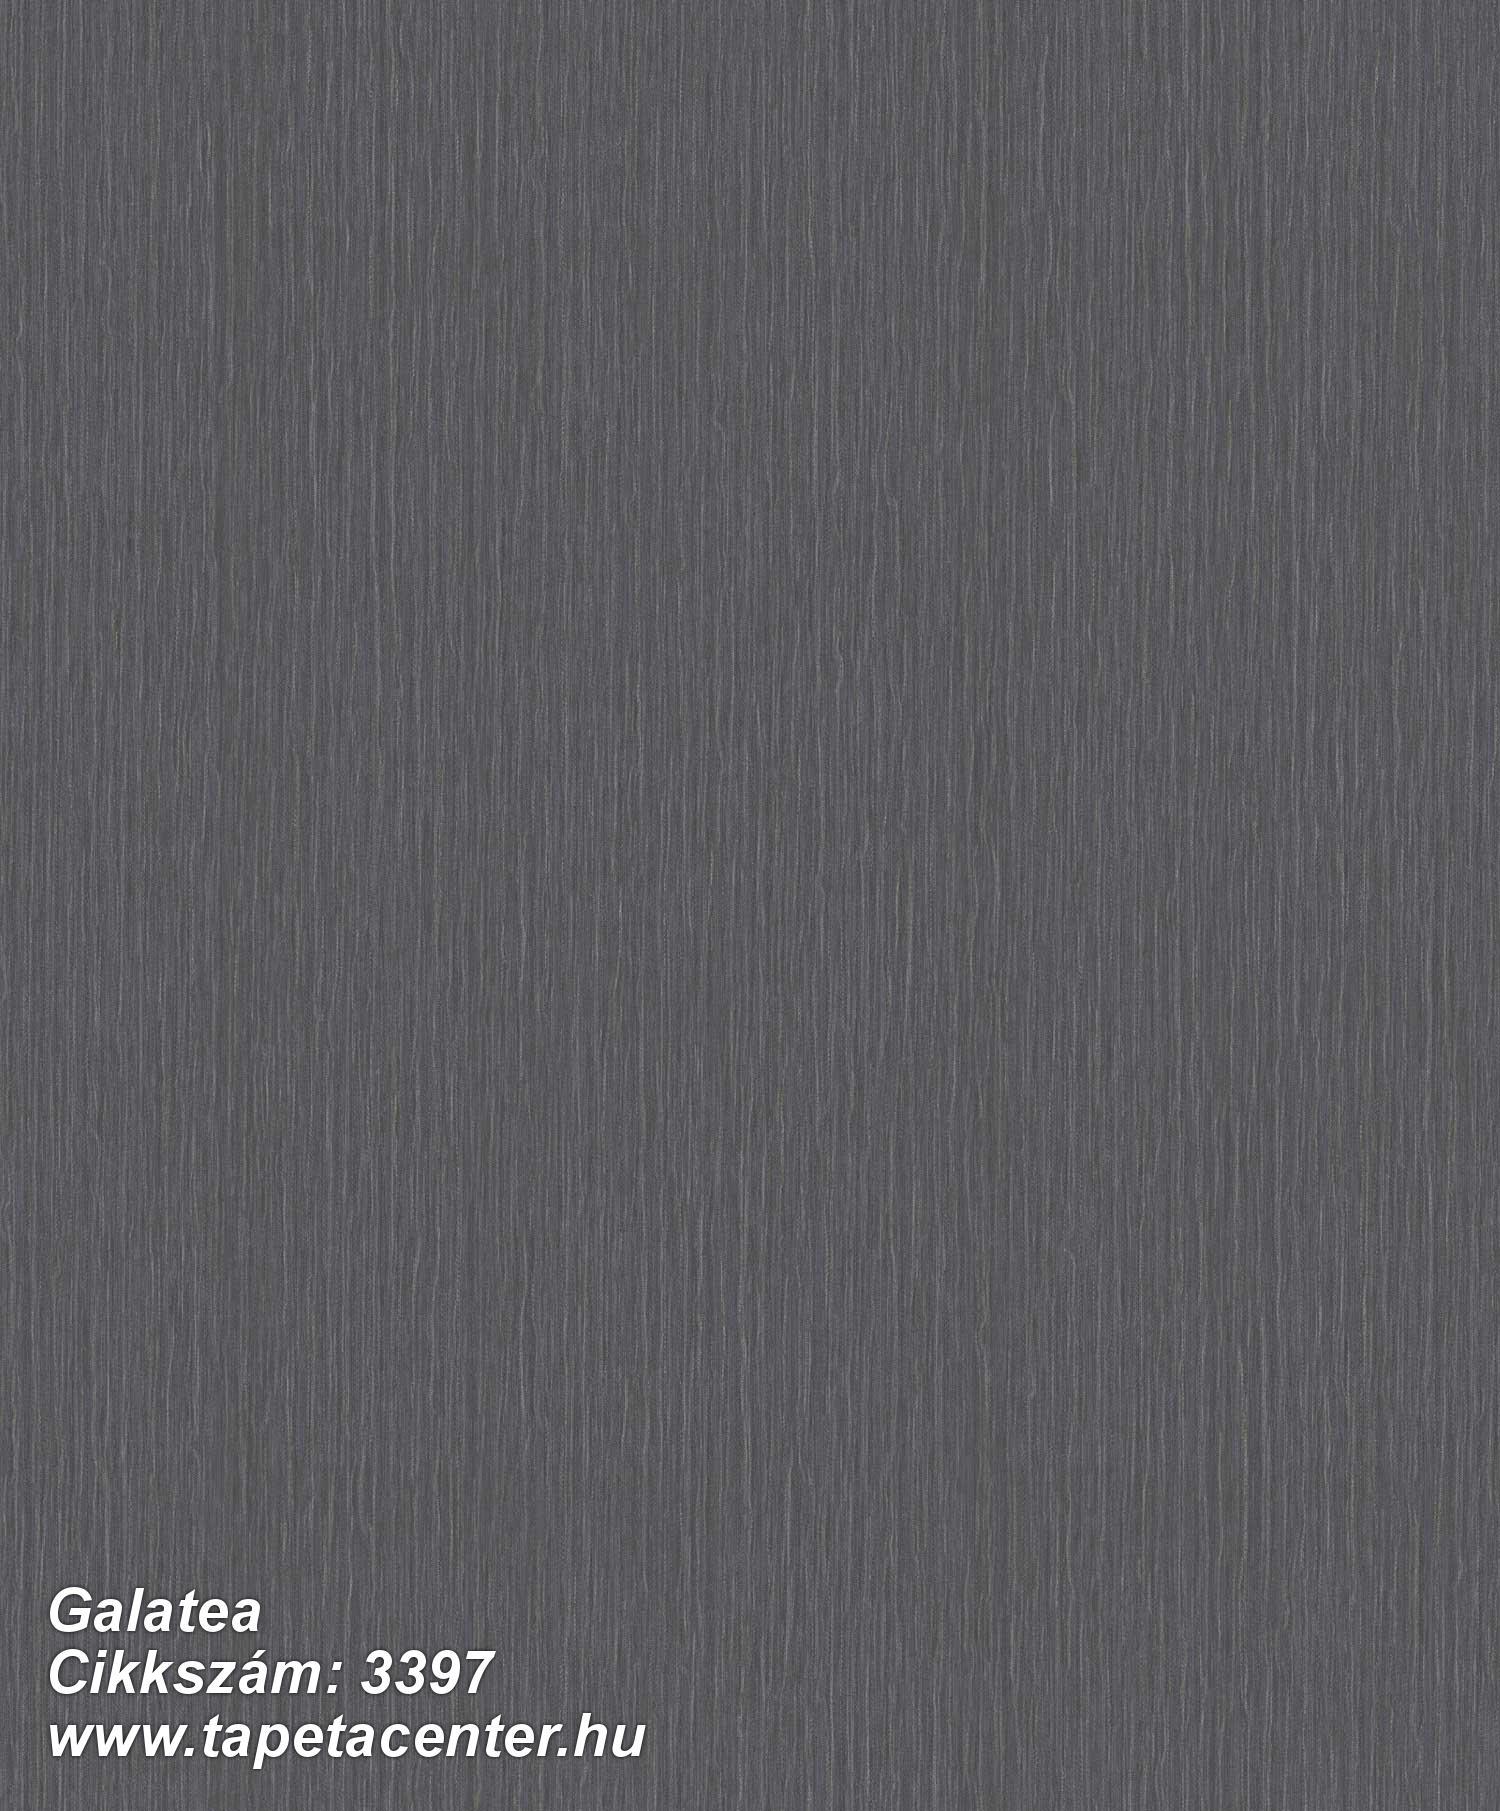 Galatea - 3397 Olasz tapéta